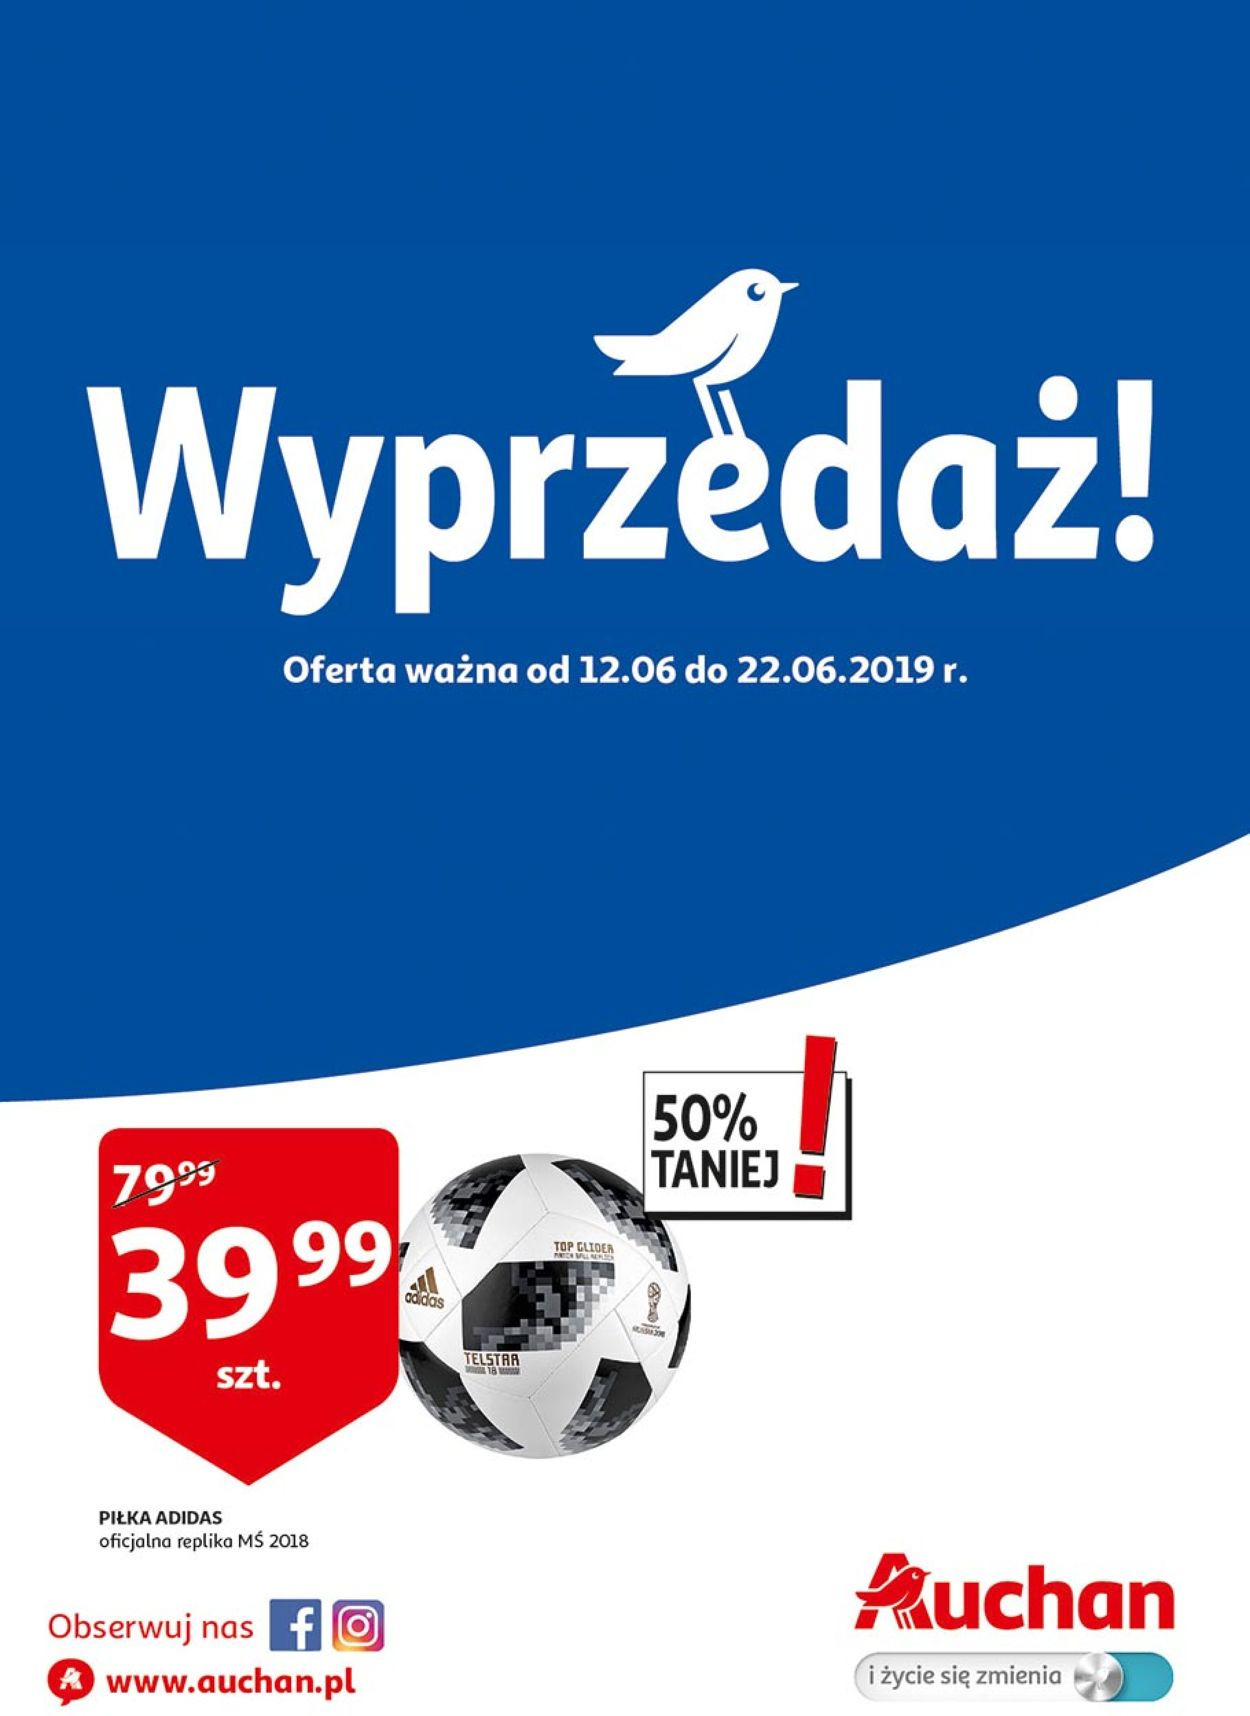 Gazetka promocyjna Auchan - 12.06-22.06.2019